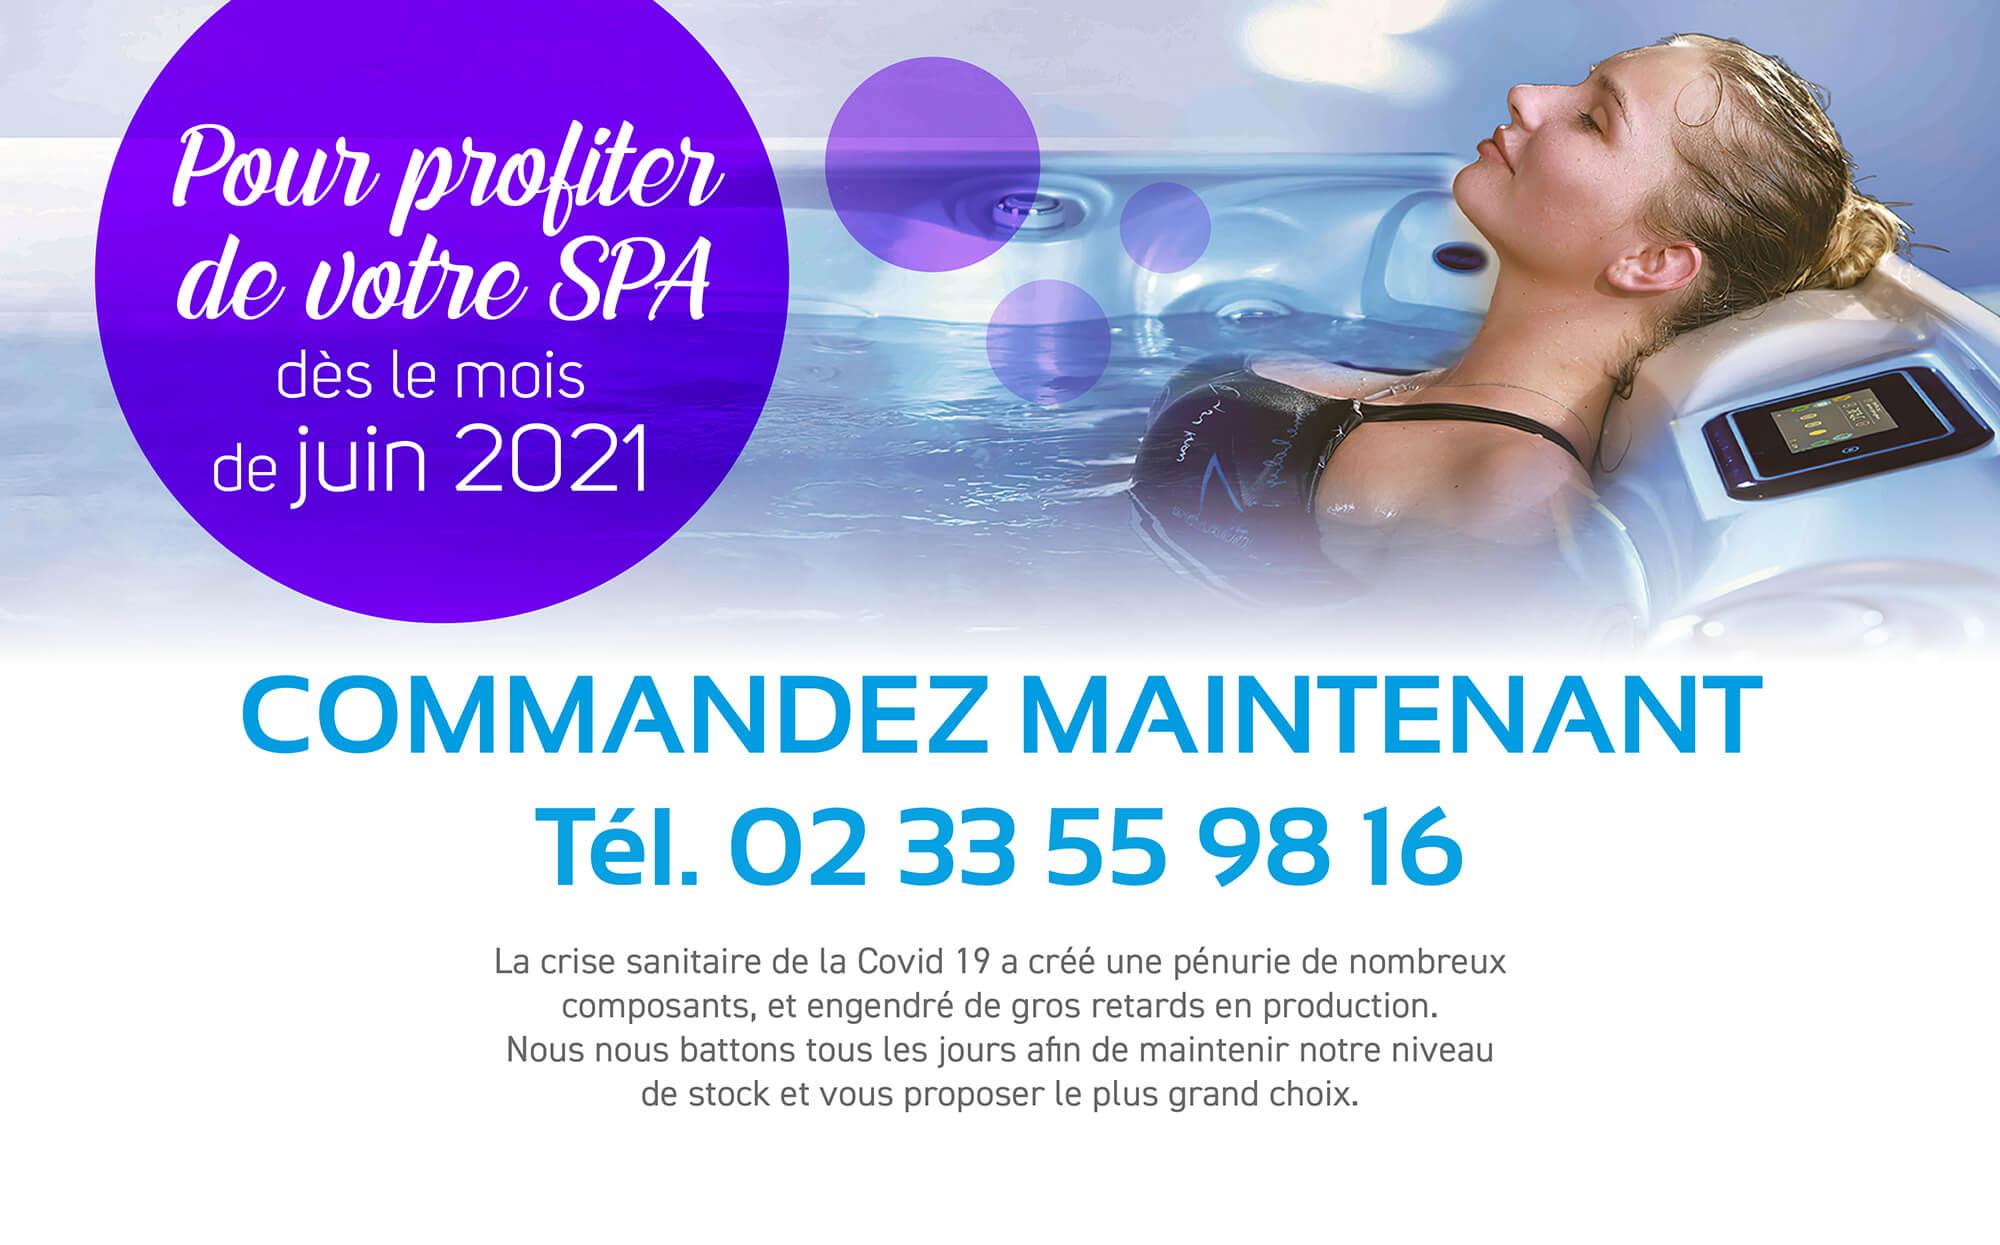 Commandez maintenant pour un spa en juin 2021